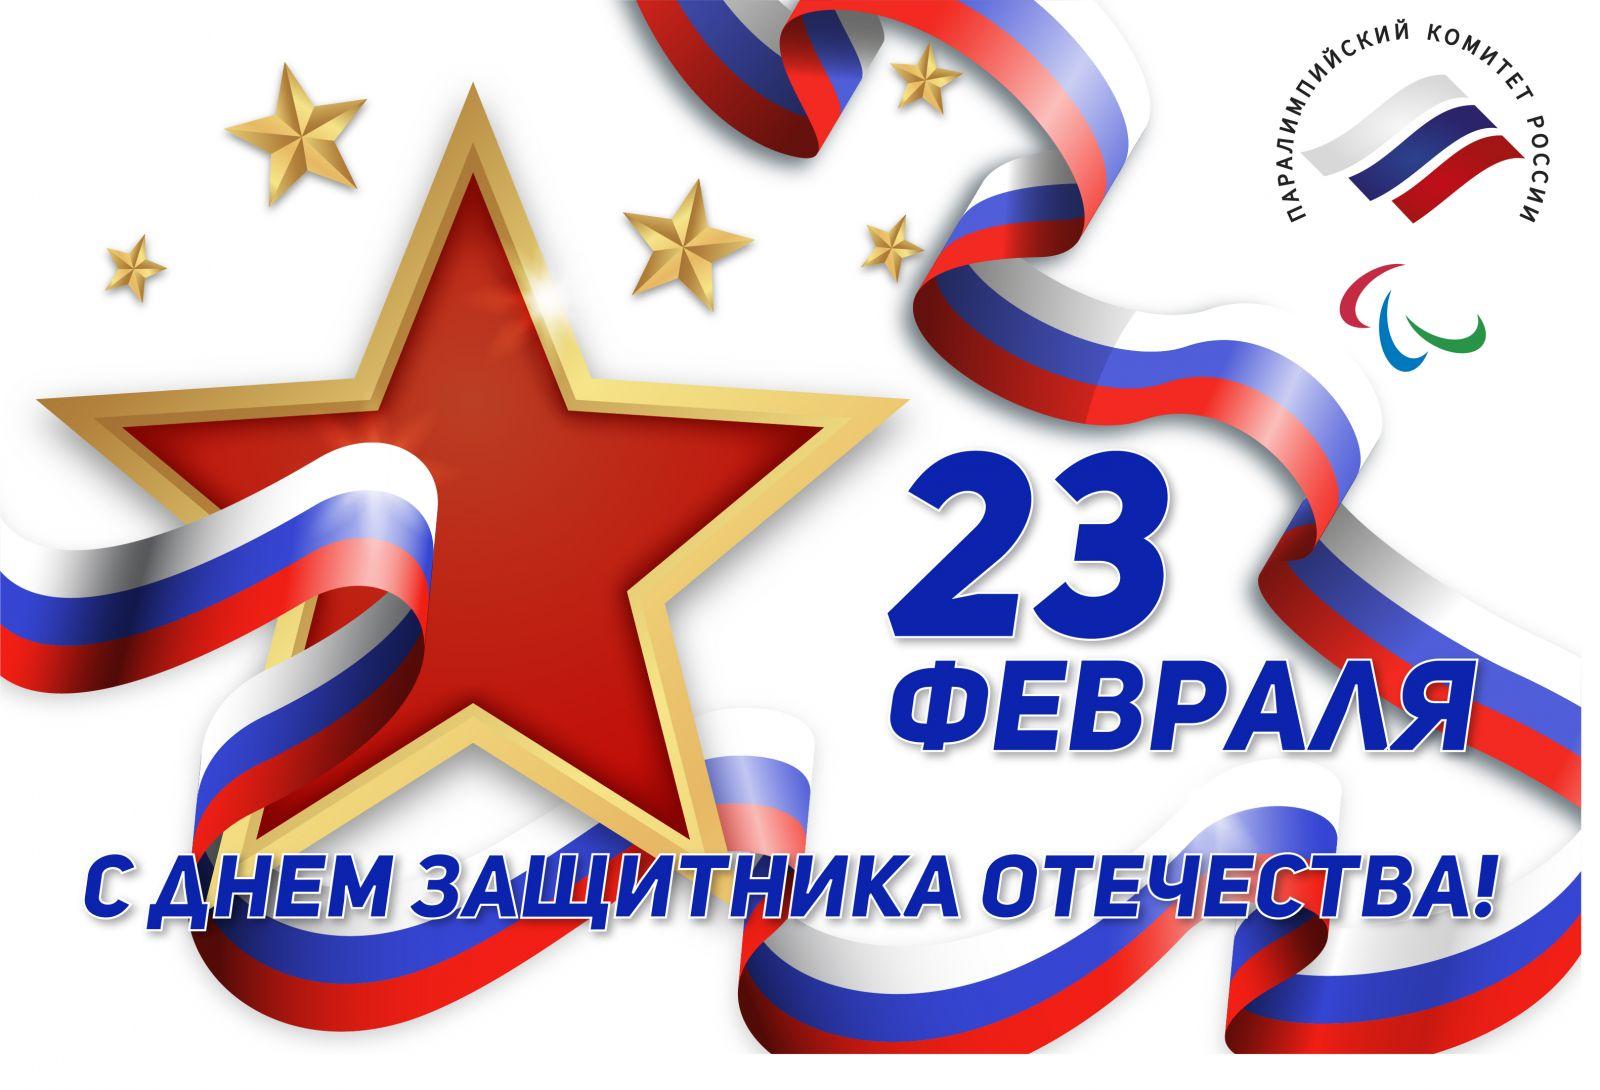 Паралимпийский комитет России поздравляет вас с 23 февраля – Днем защитника Отечества